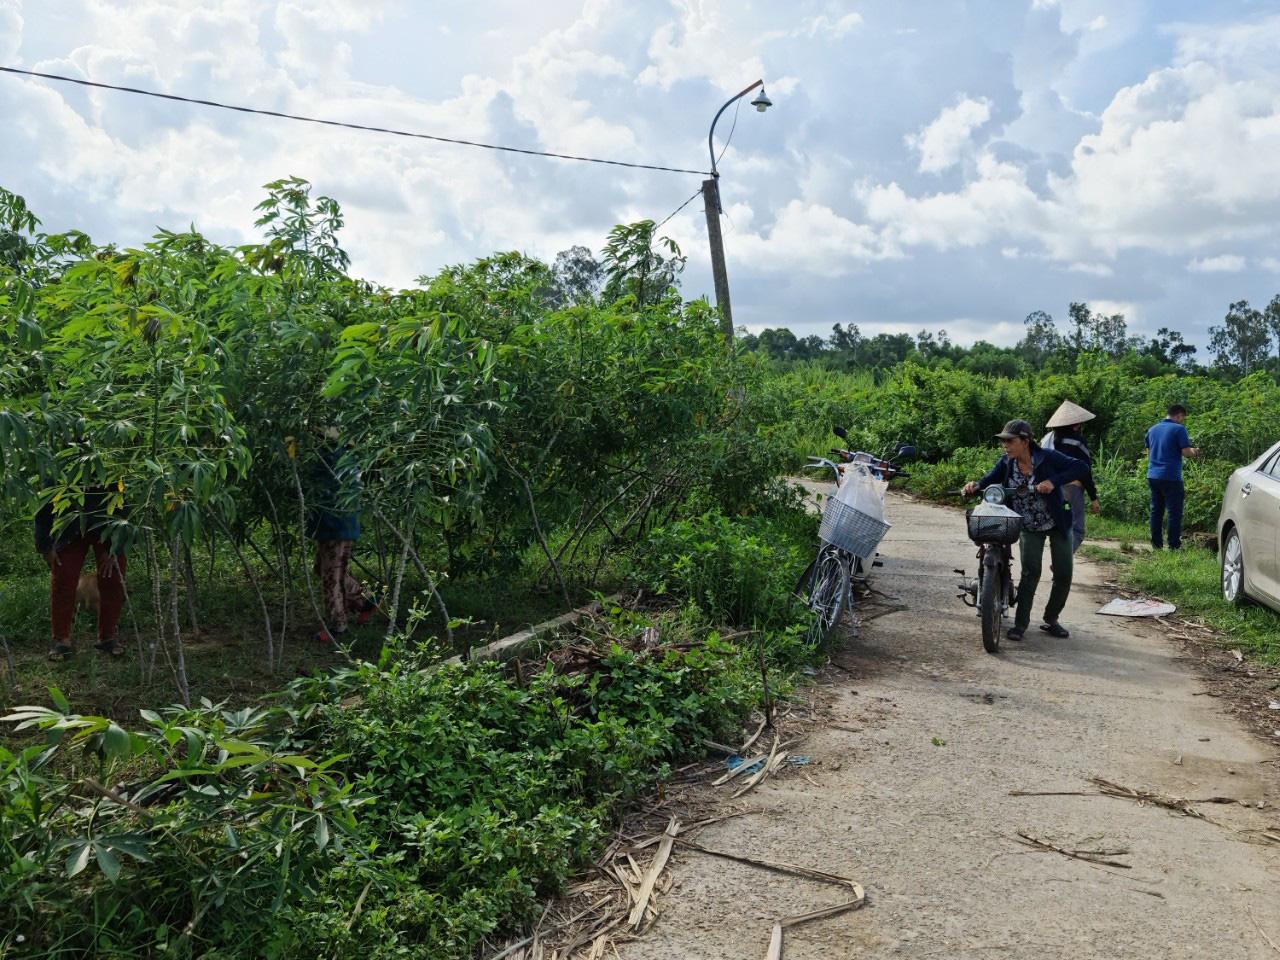 Quảng Nam: Kênh thủy lợi hàng trăm triệu đồng chỉ để chứa rác, trồng cỏ cho bò - Ảnh 2.